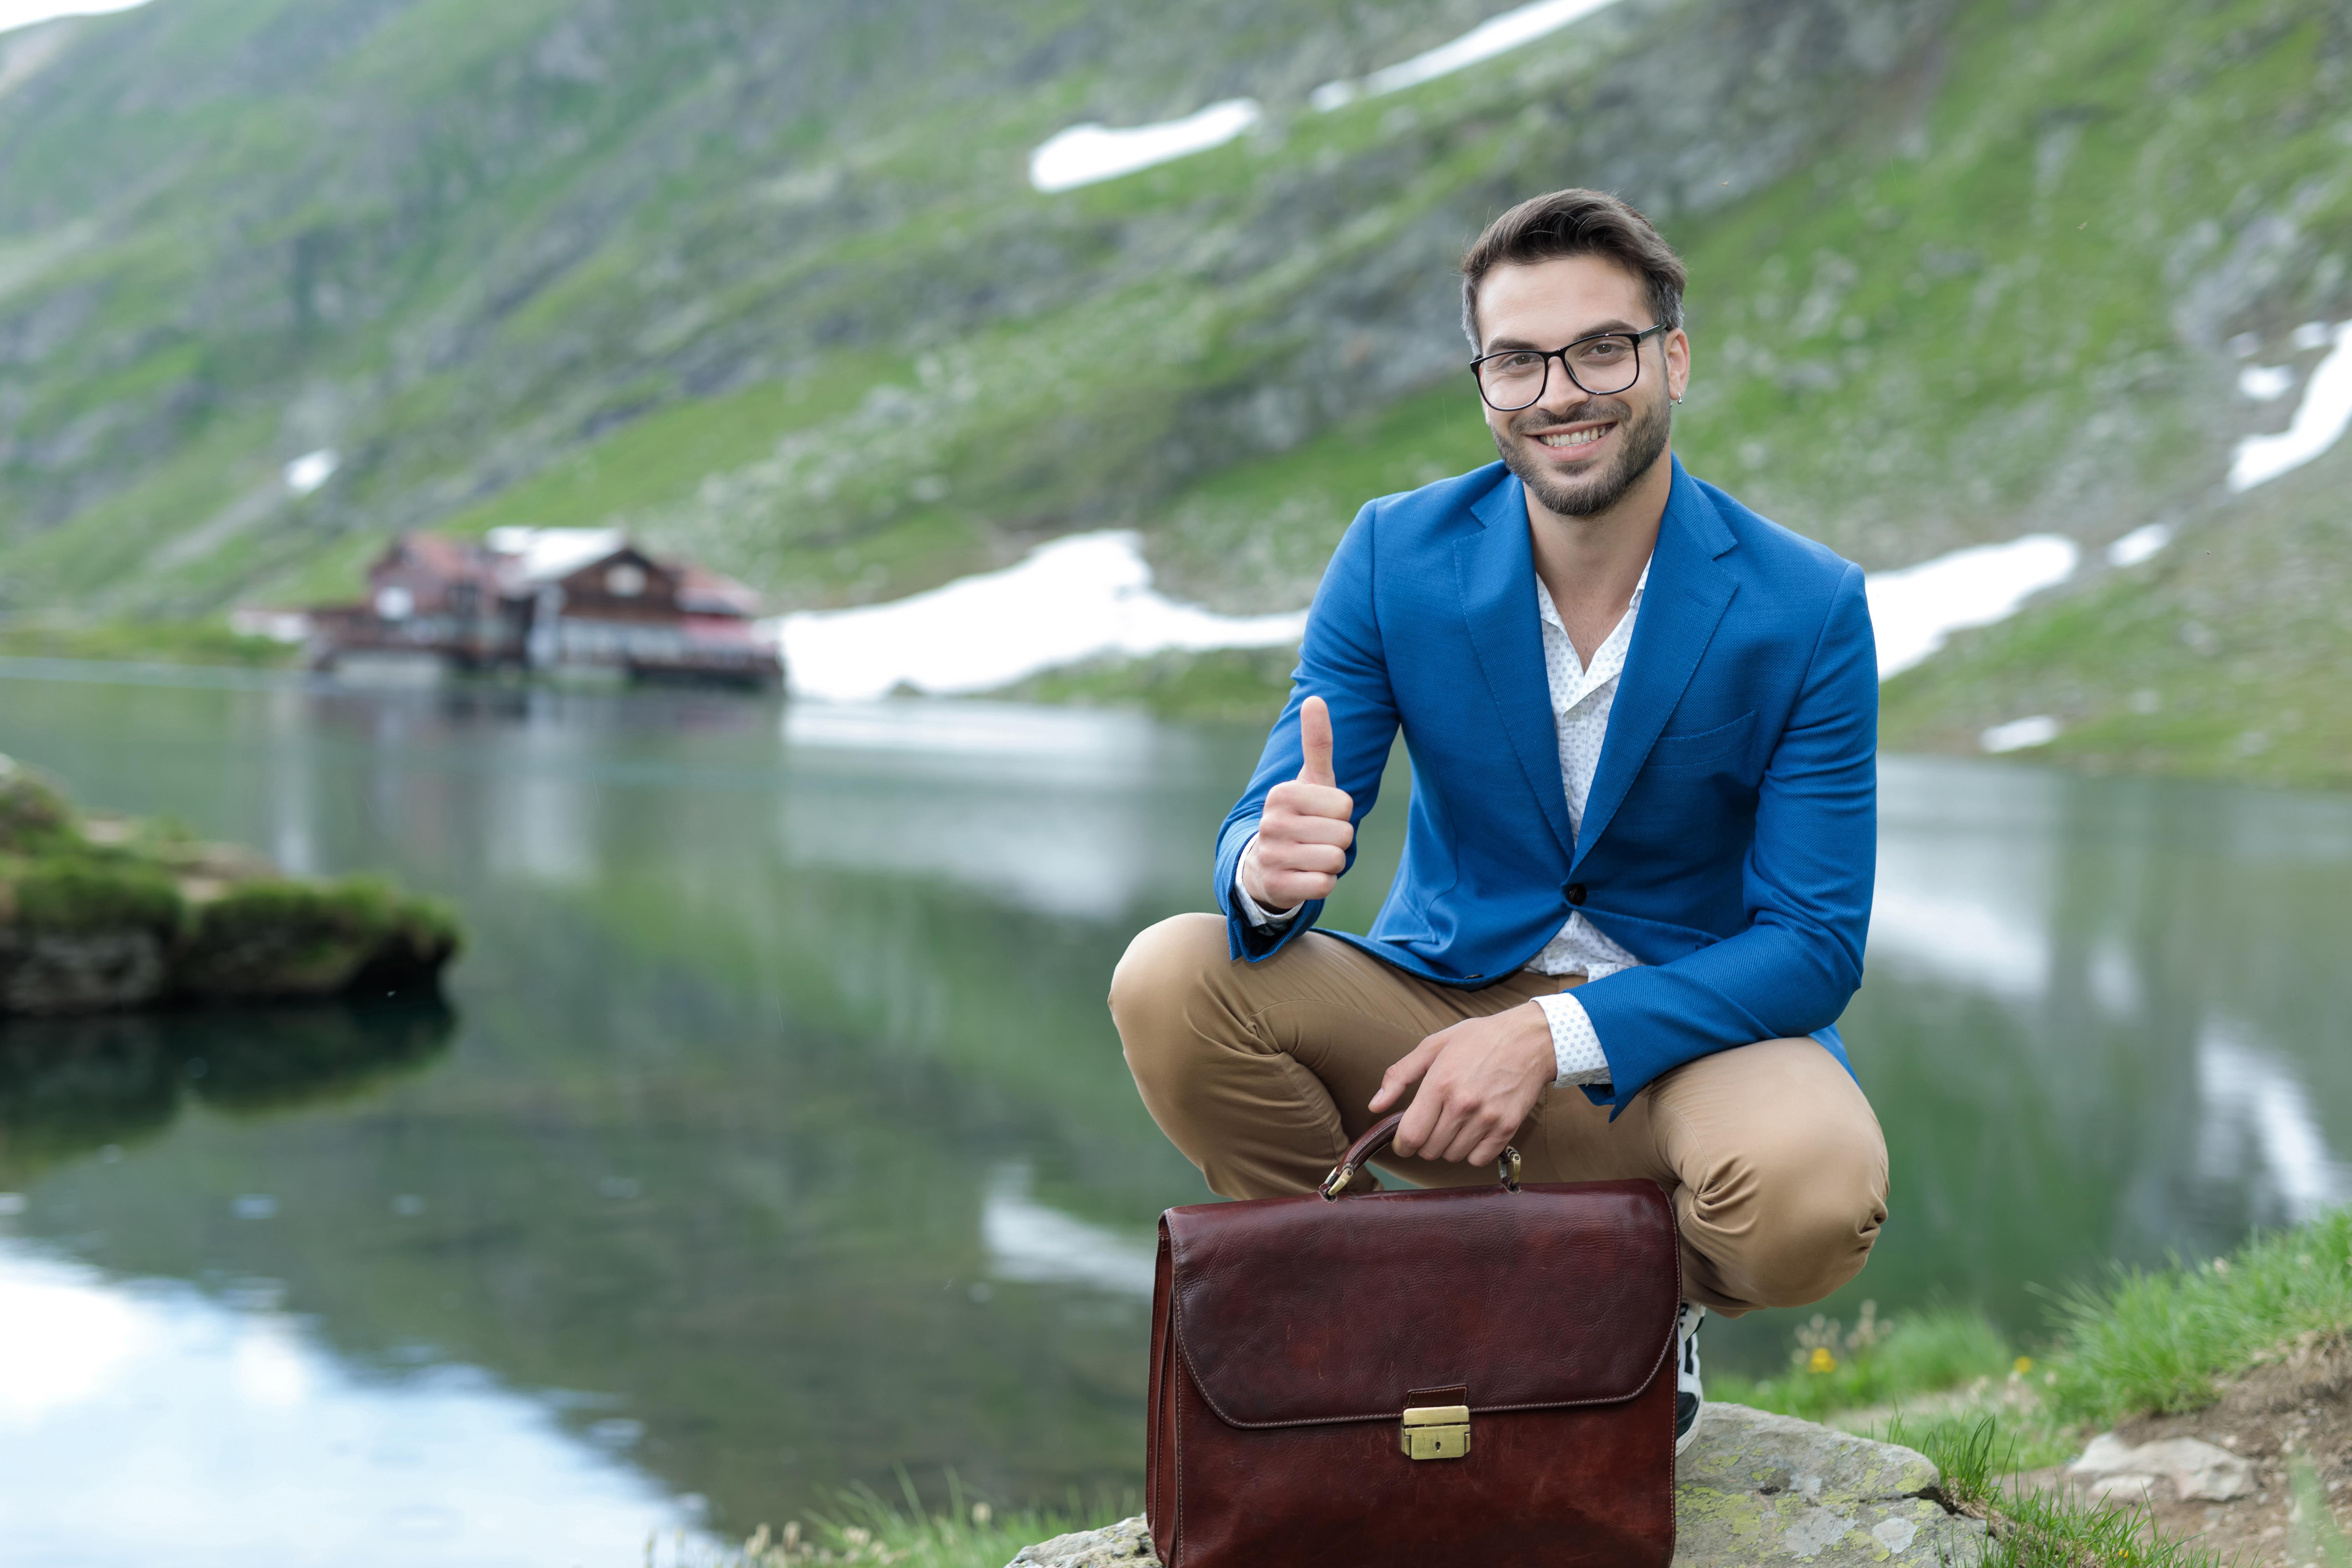 Парень на фоне озера Балеа в Румынии, где можно получить второе гражданство